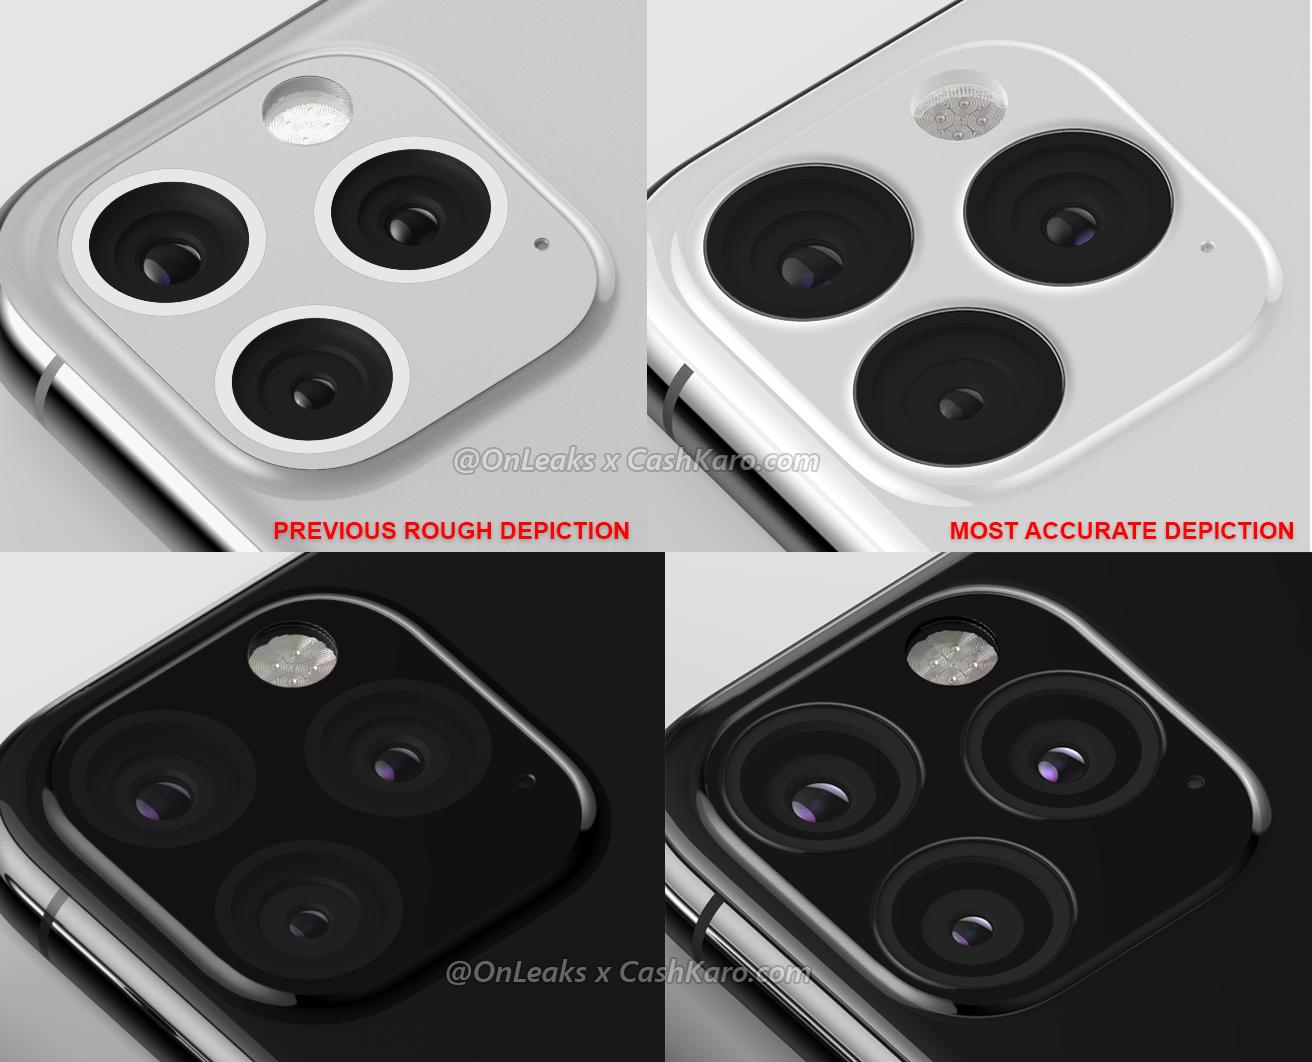 iPhone XI XI Max camera bump final 4 - CashKaro